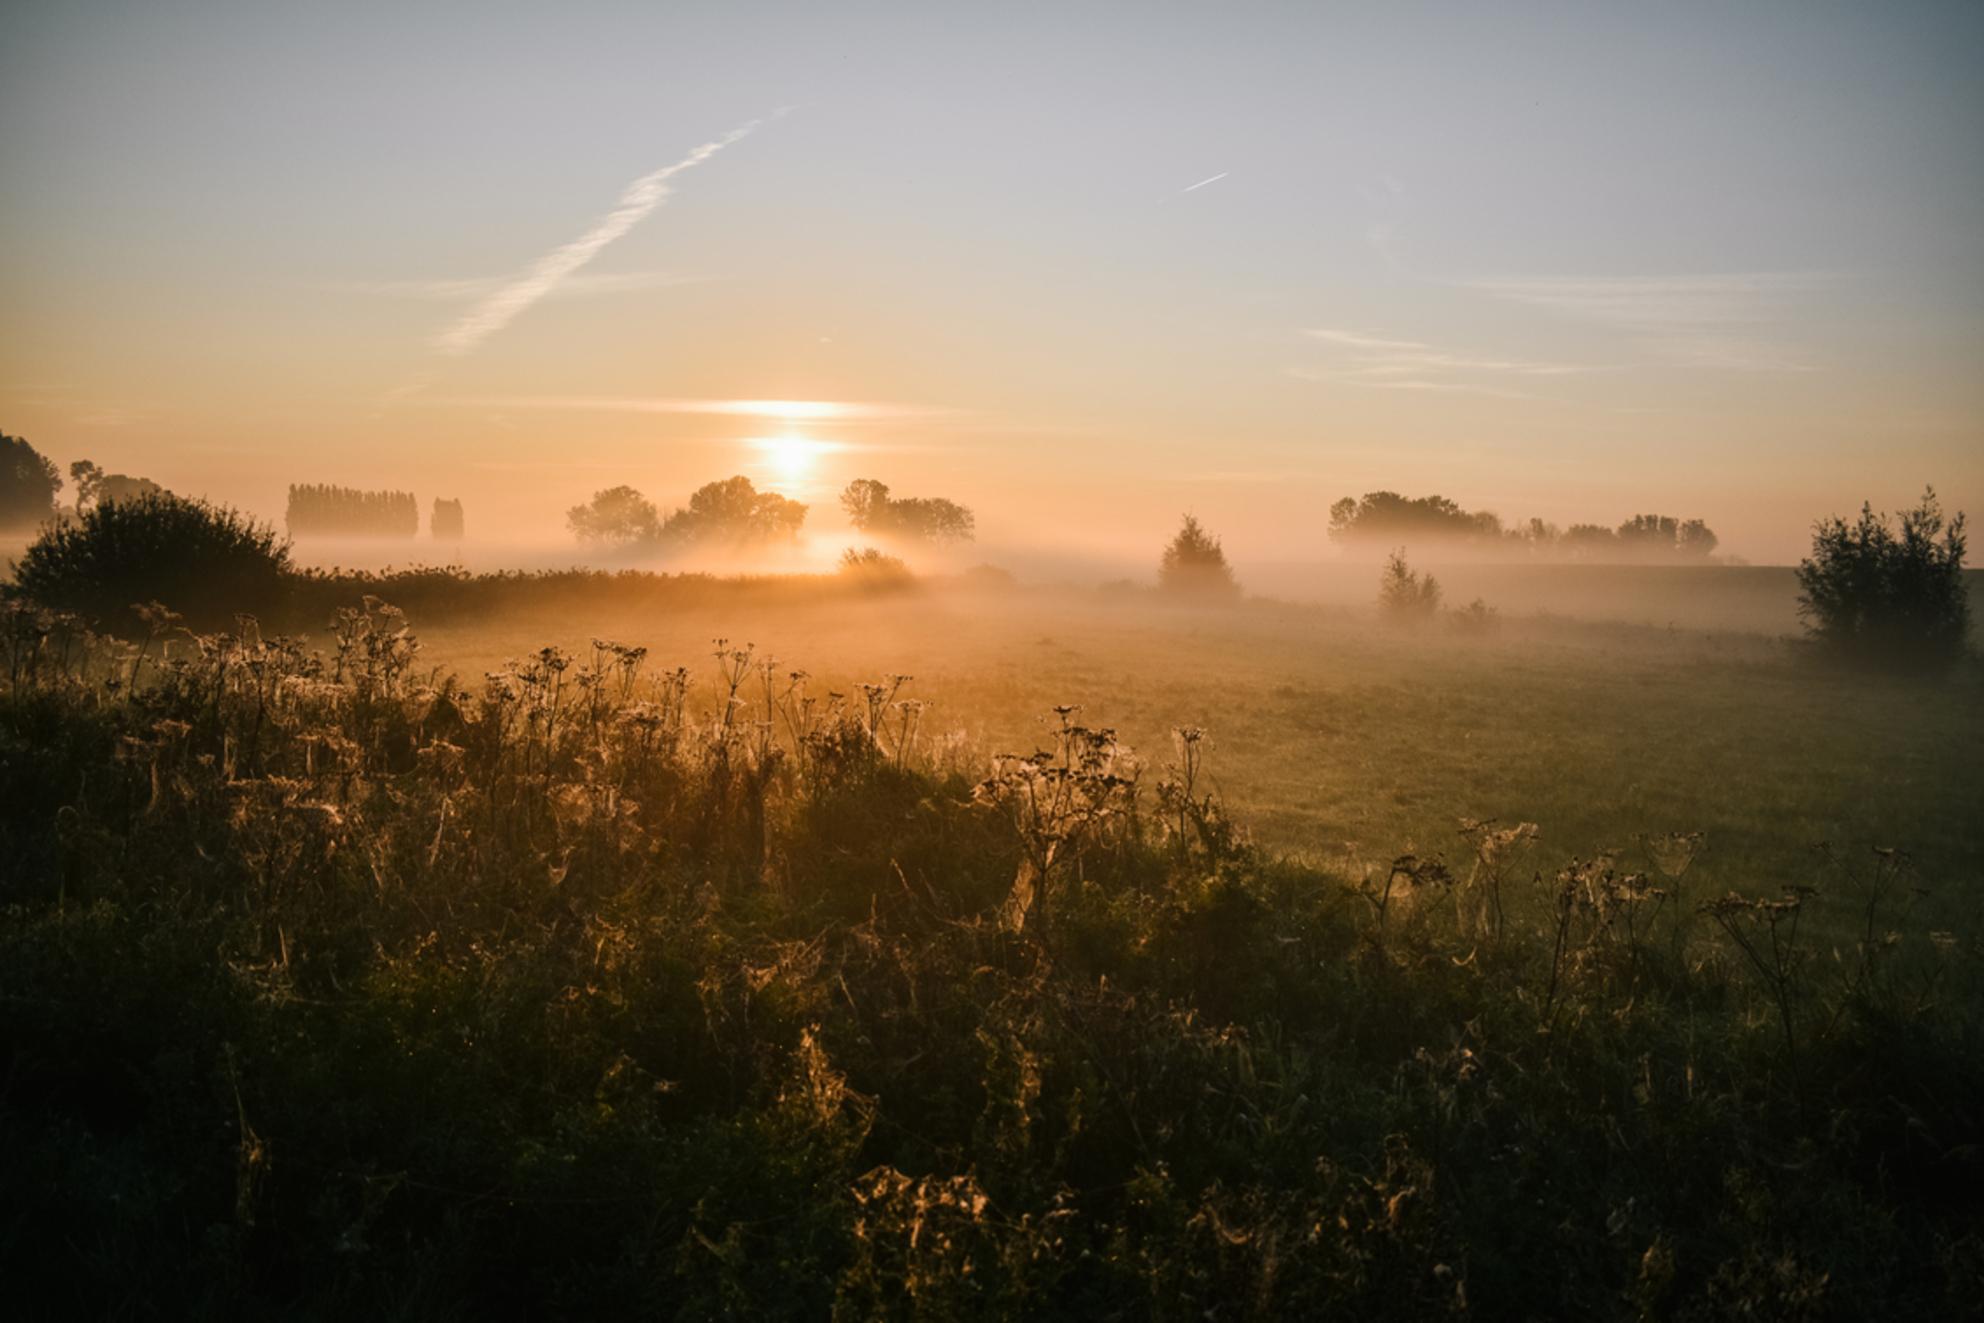 Zonsopkomst mistig platteland - - - foto door jiscalucia op 28-02-2021 - deze foto bevat: lucht, natuur, platteland, licht, herfst, landschap, mist, zonsopkomst, mistig, landelijk, Gouden uurtje